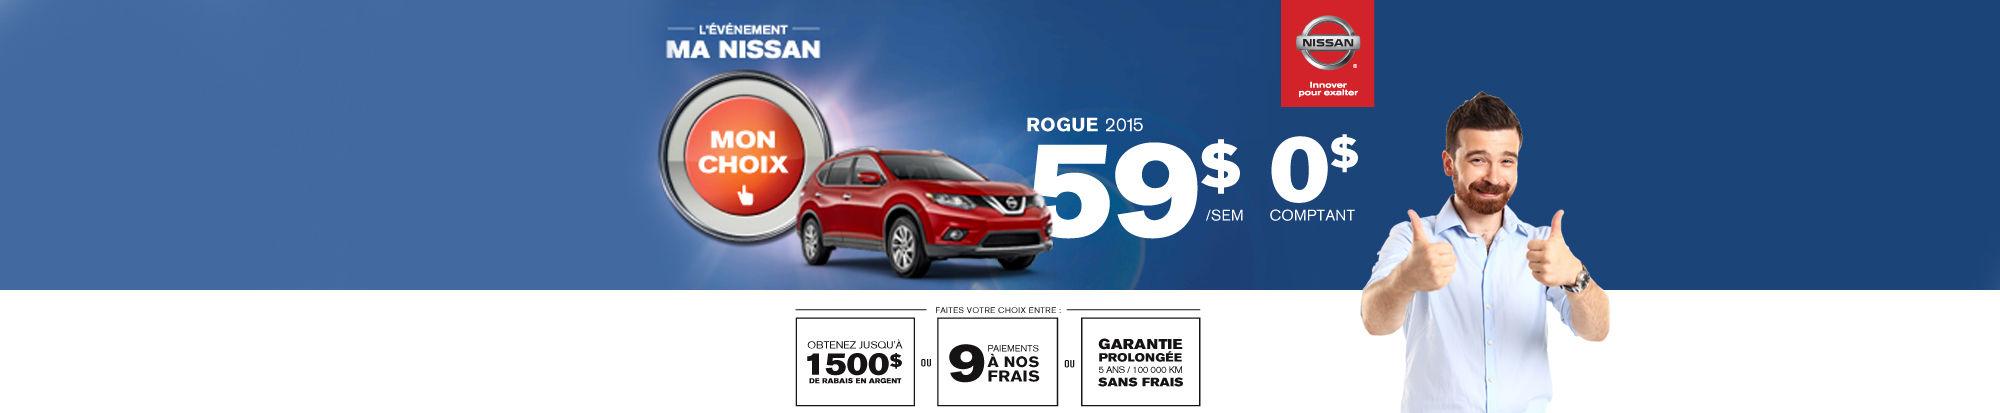 Nissan Rogue juin